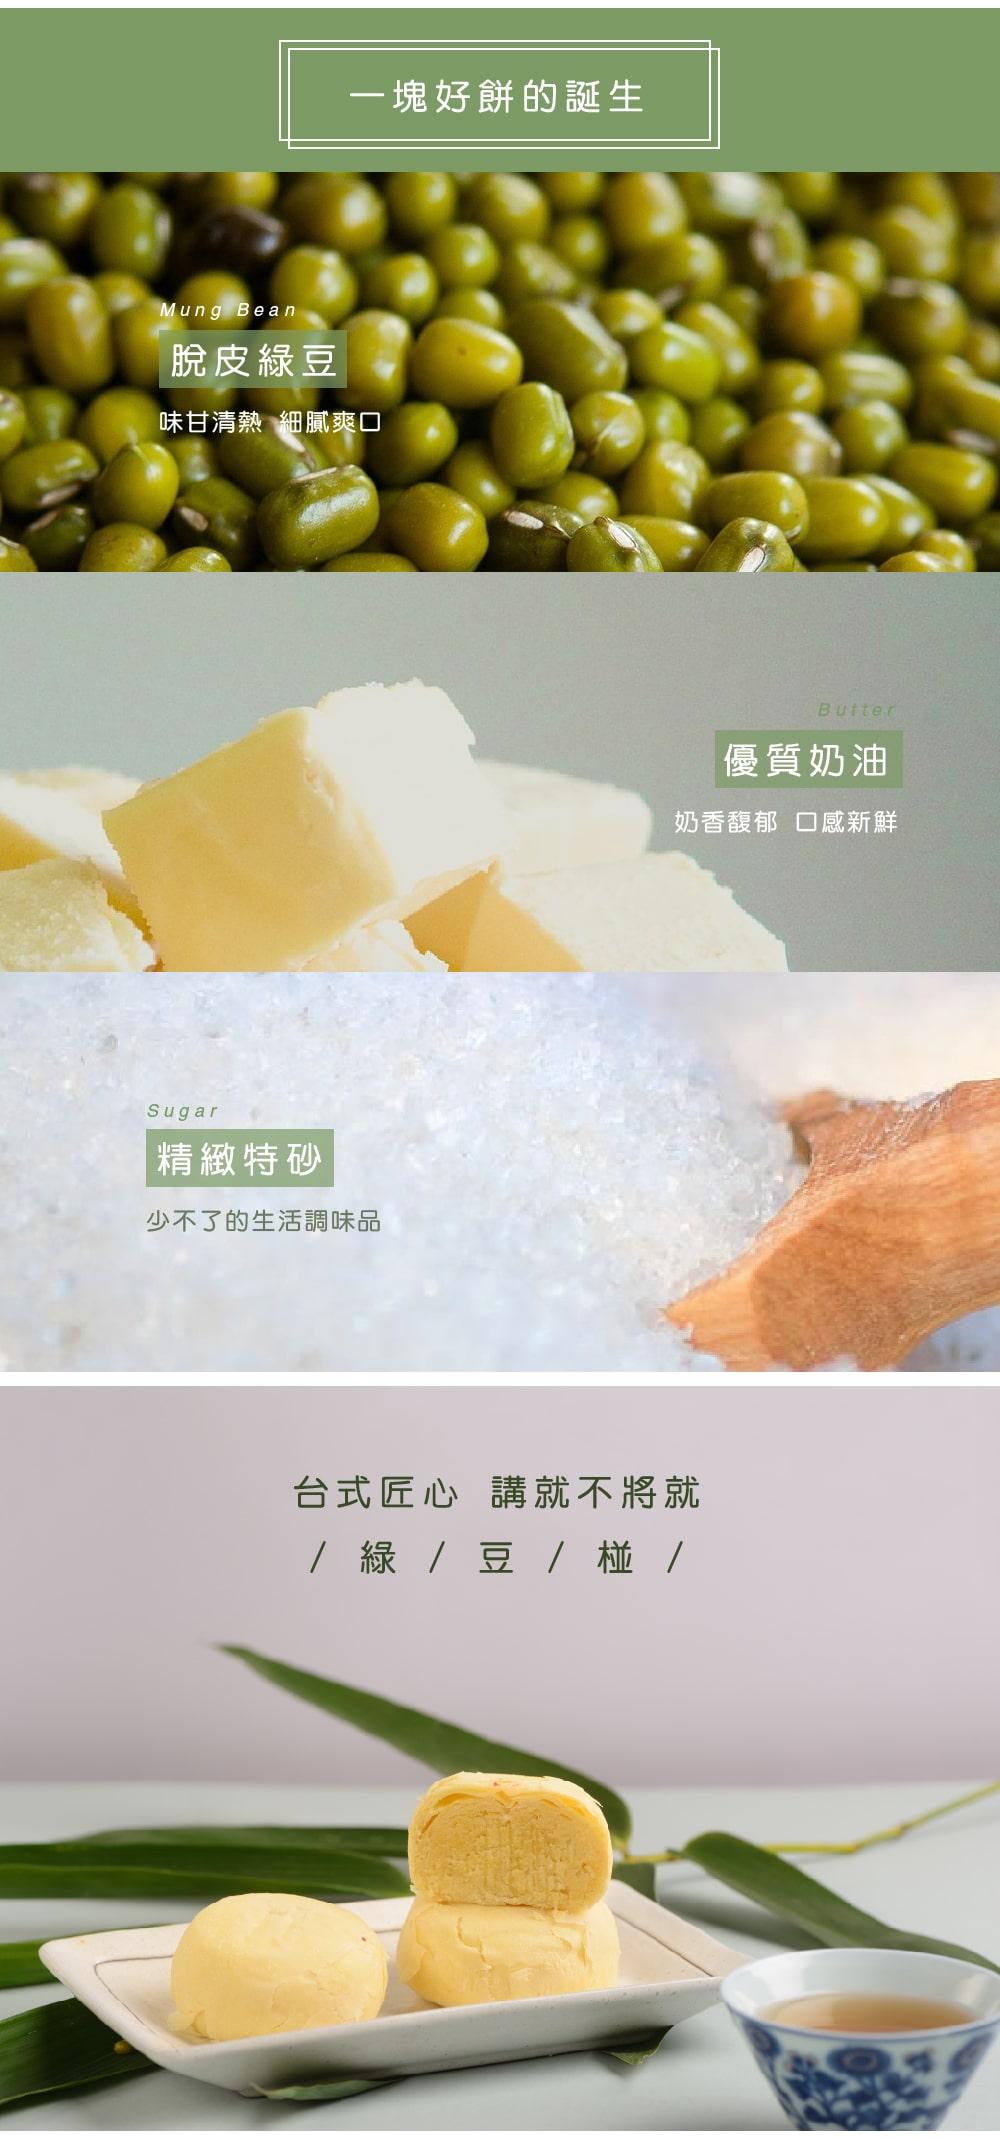 御格格-芋泥-綠豆椪-08-min